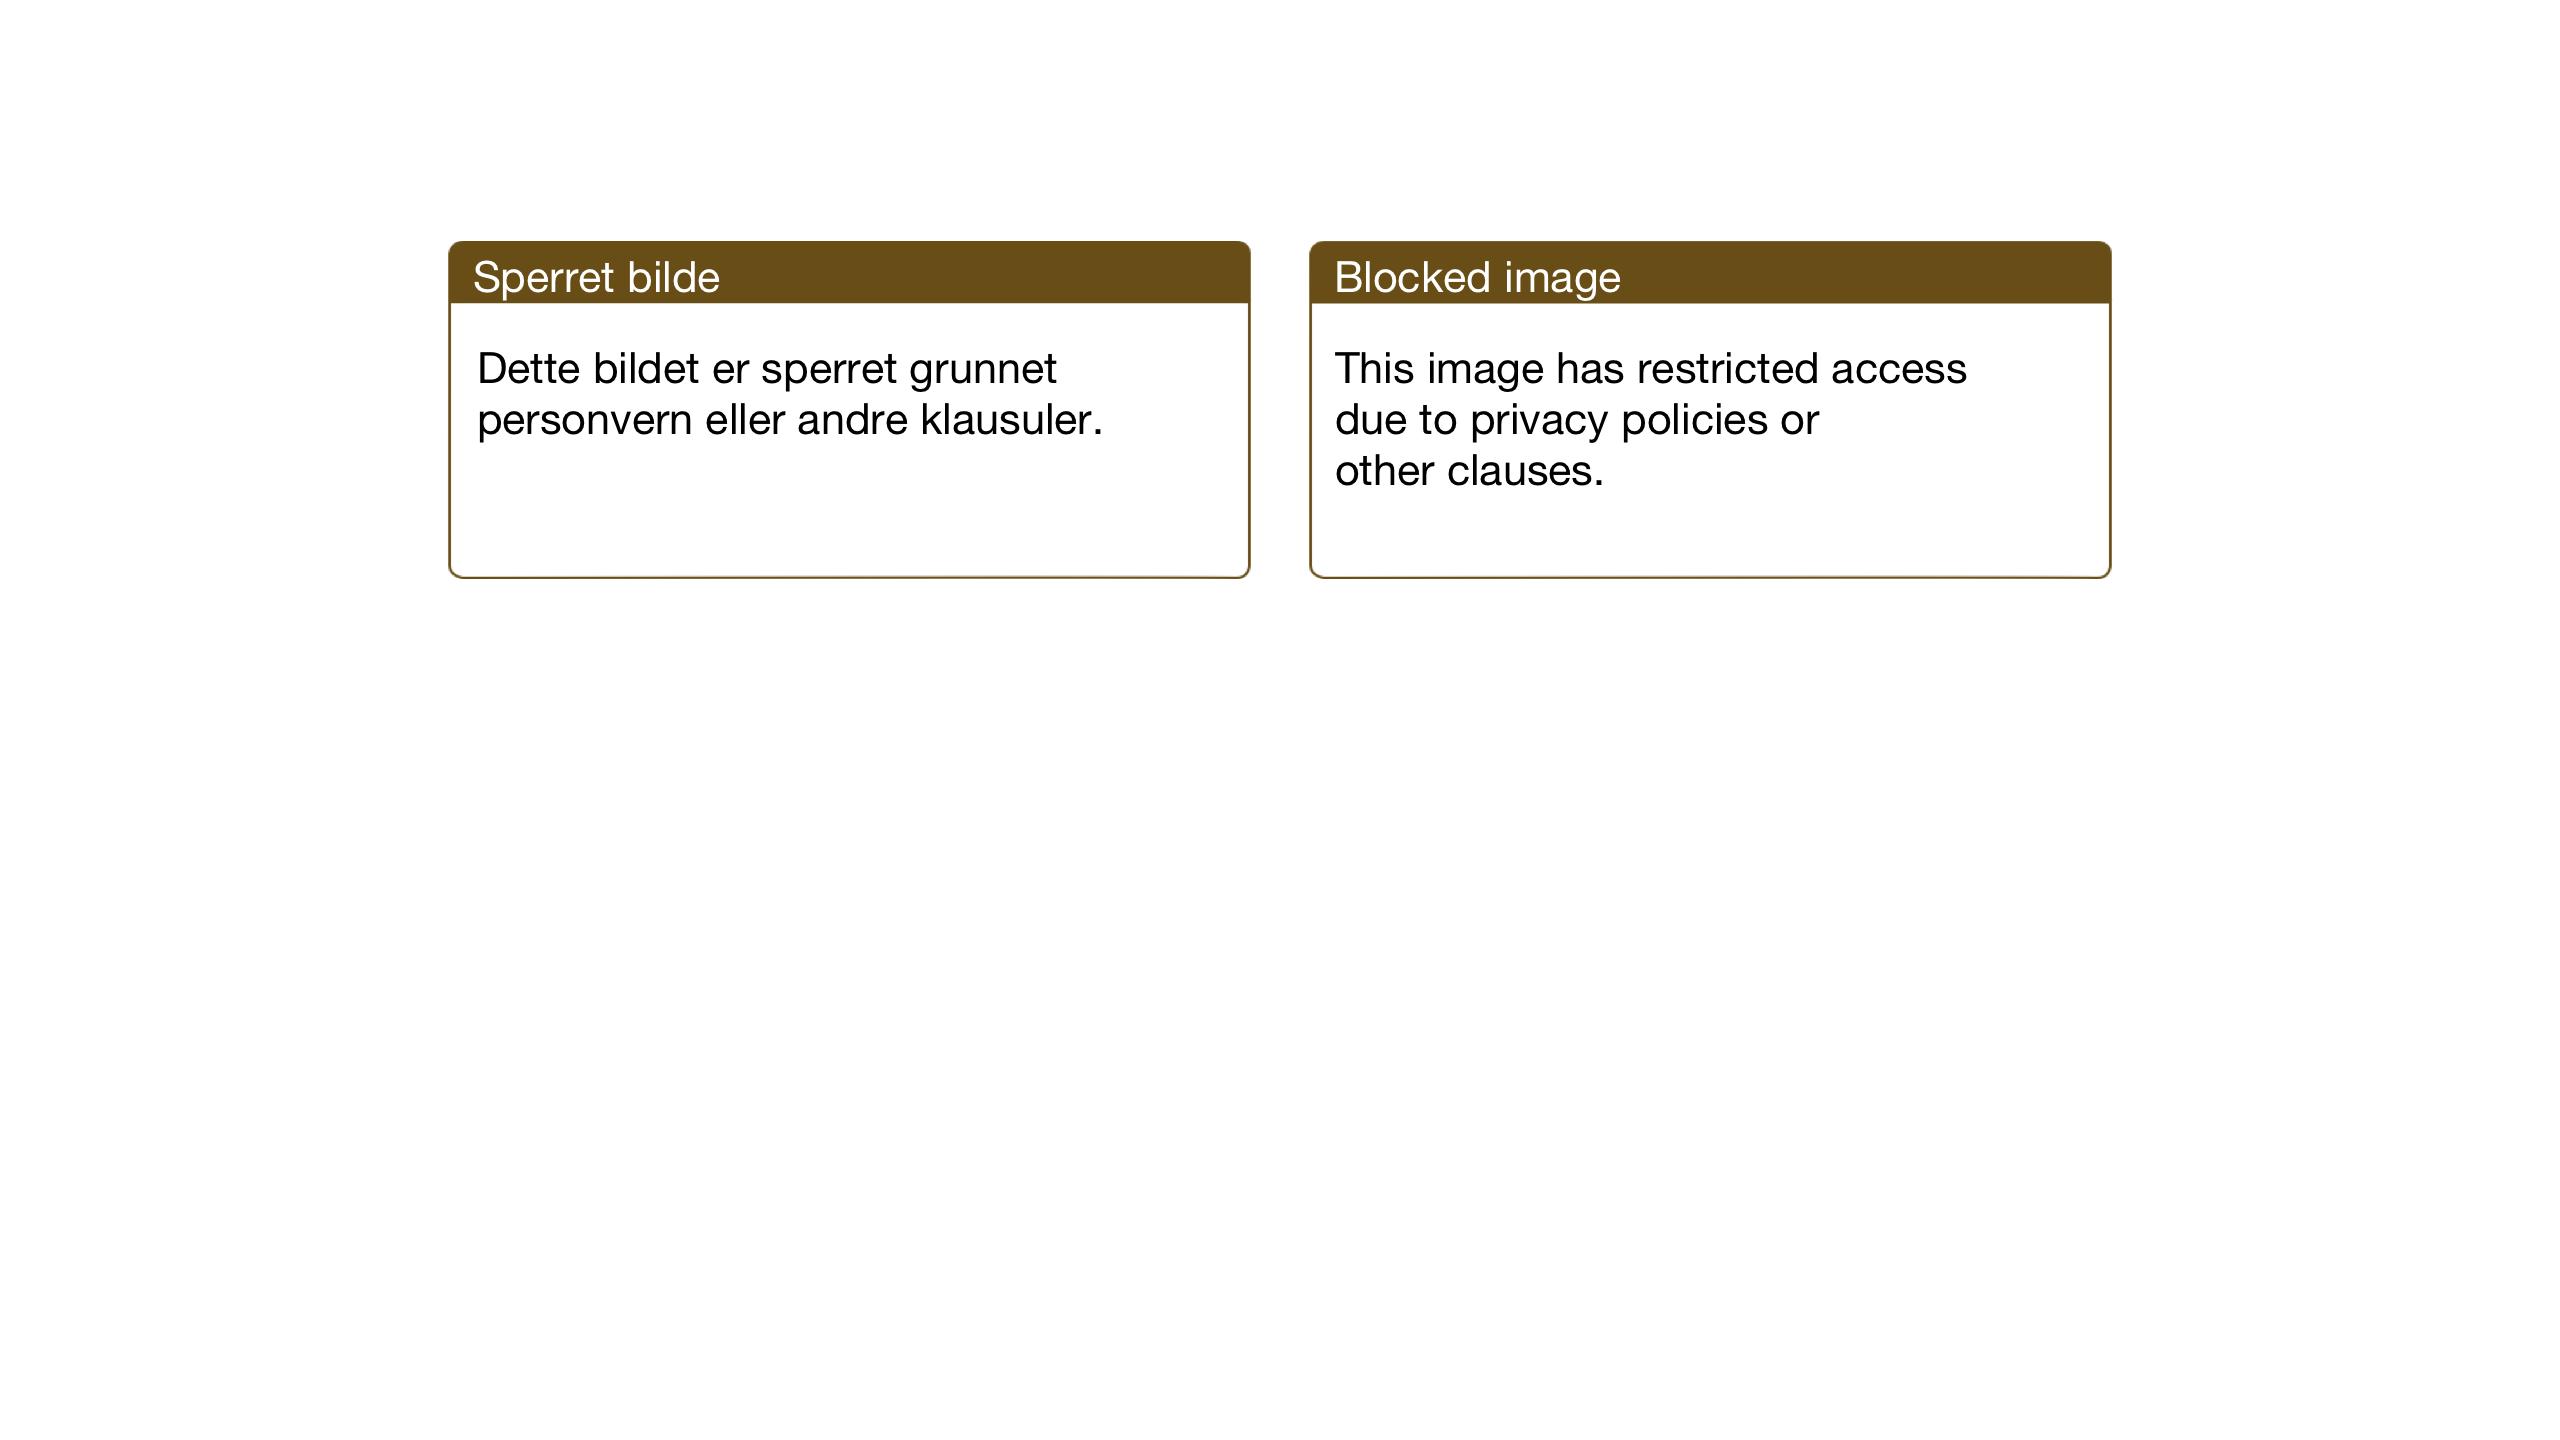 SAT, Ministerialprotokoller, klokkerbøker og fødselsregistre - Sør-Trøndelag, 602/L0120: Ministerialbok nr. 602A18, 1880-1913, s. 193